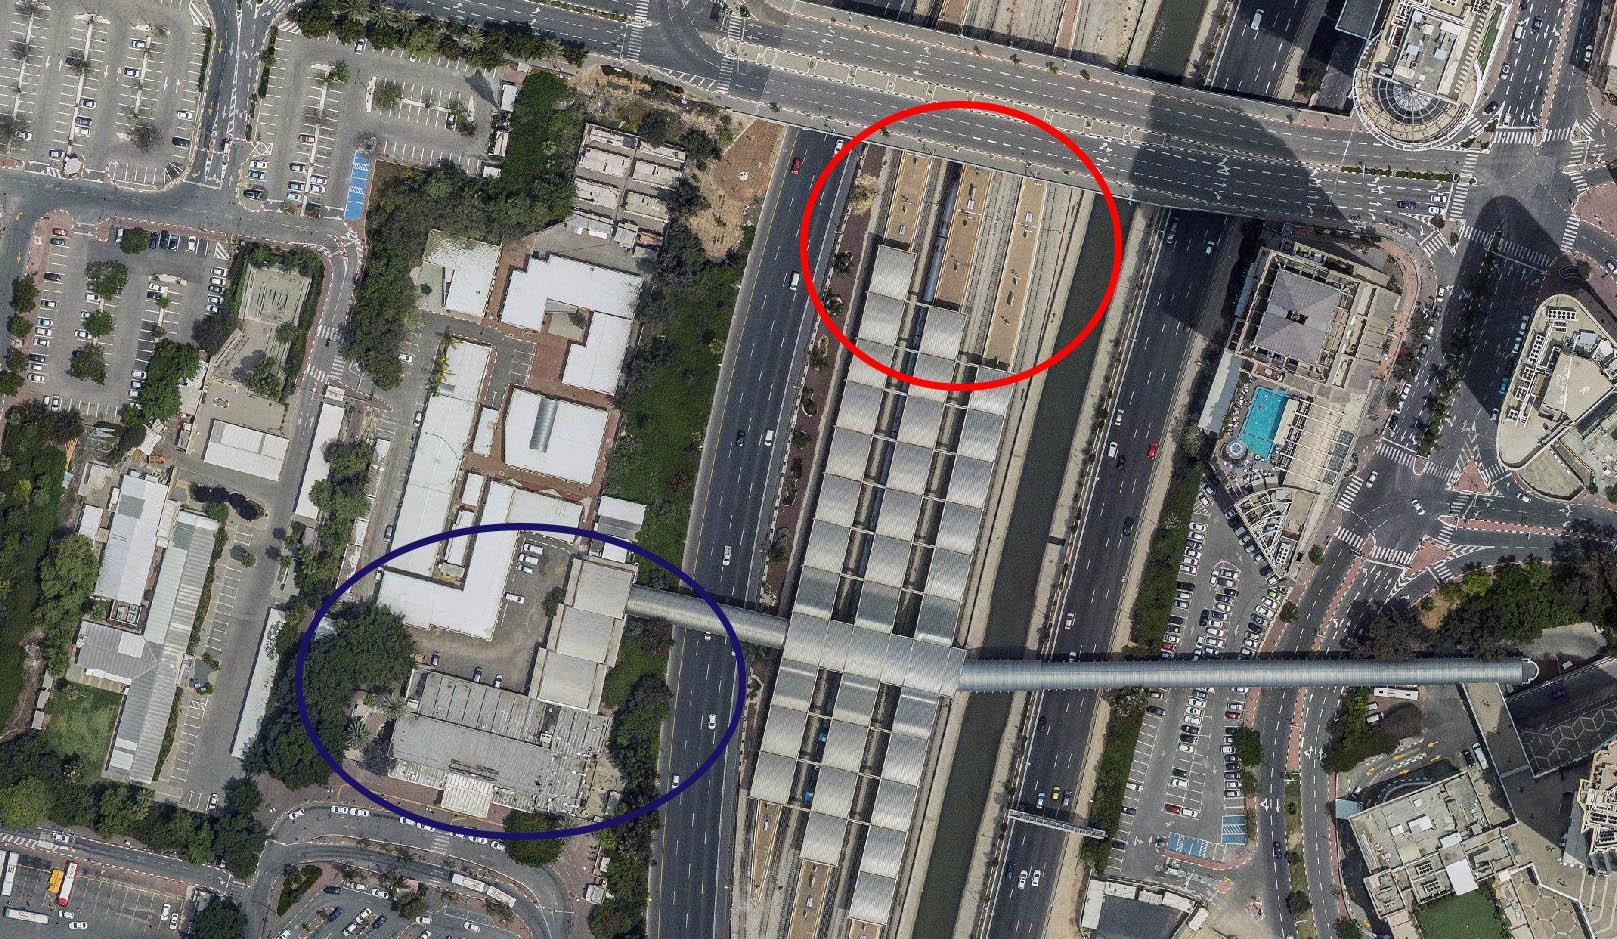 בכחול - אולם הנוסעים הקיים. באדום - מיקום האולם הצפוני החדש